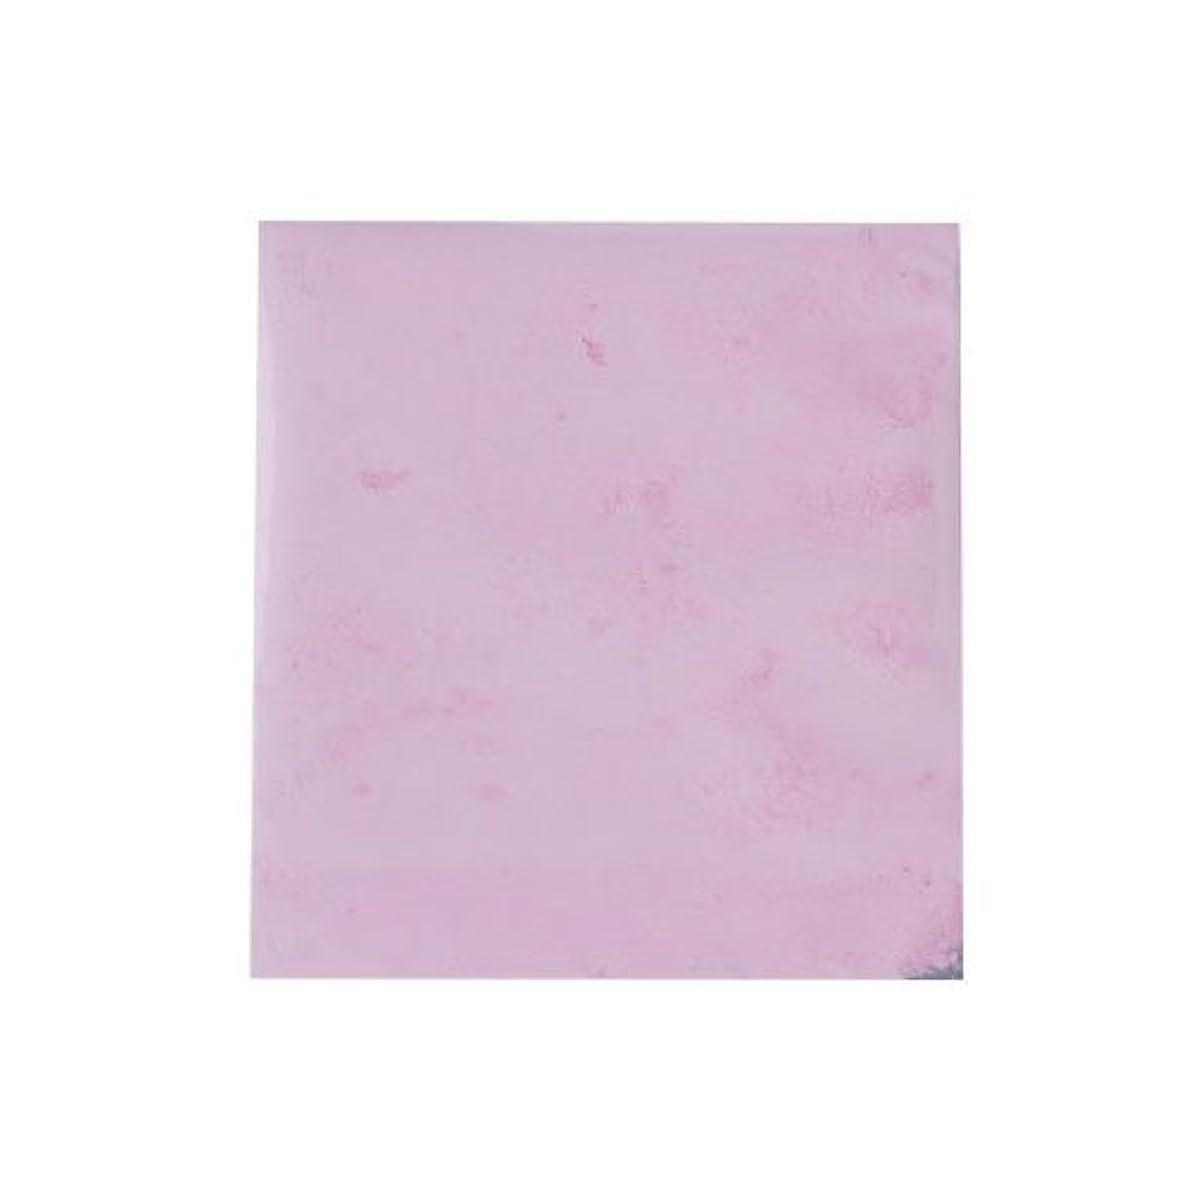 切り刻むバージン知覚ピカエース ネイル用パウダー カラーパウダー 着色顔料 #724 ローズピンク 2g